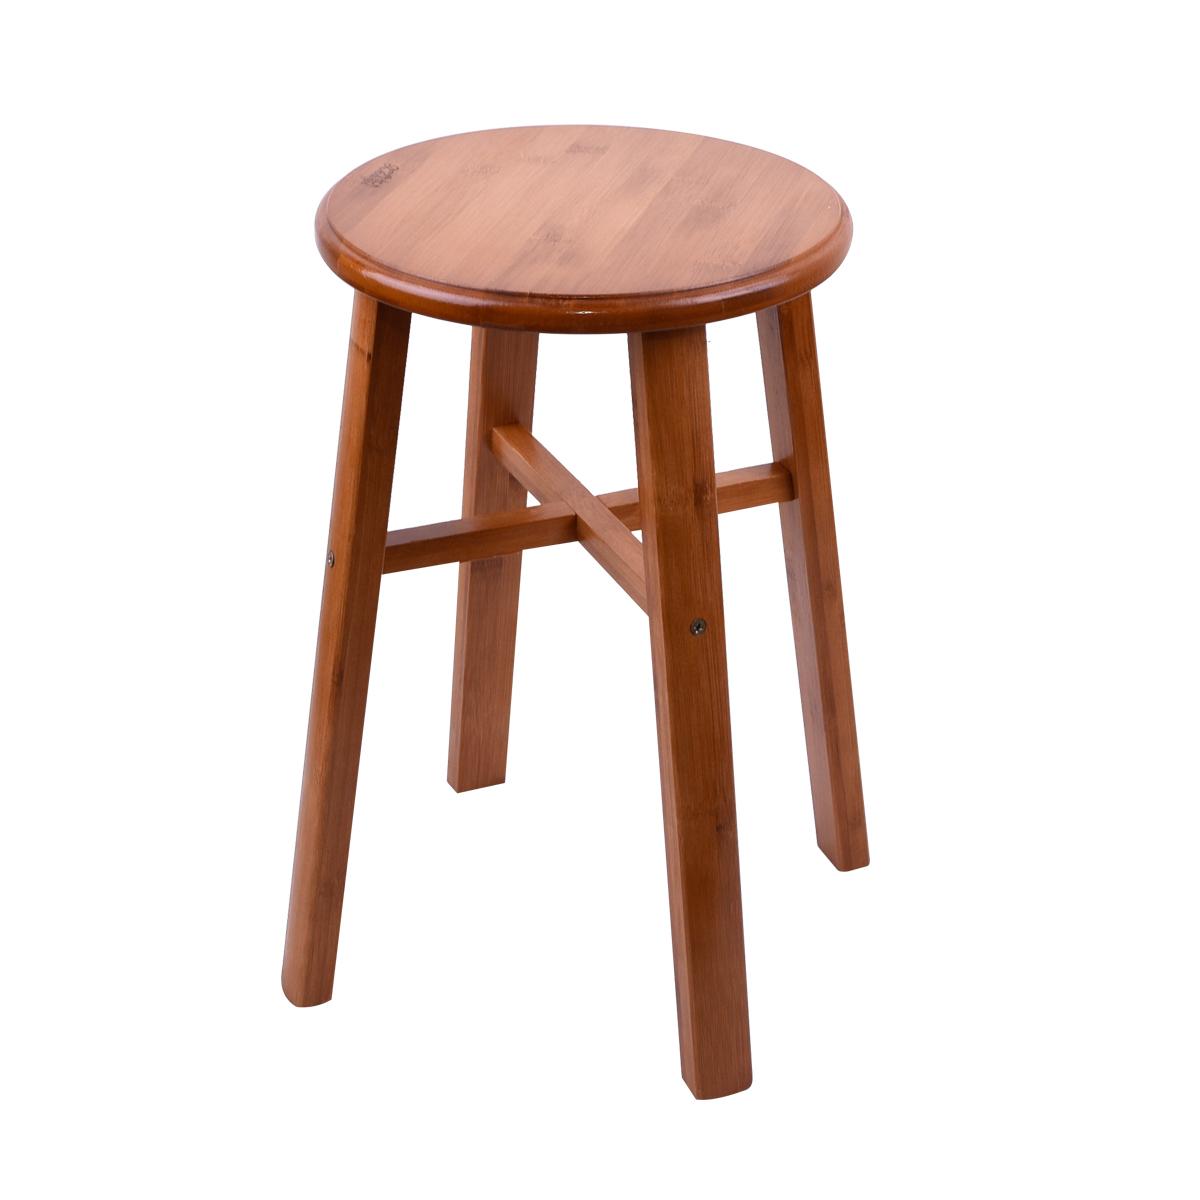 طاولة تقديم وخدمة خشب دائرية - 19529 -  من ماي مارت